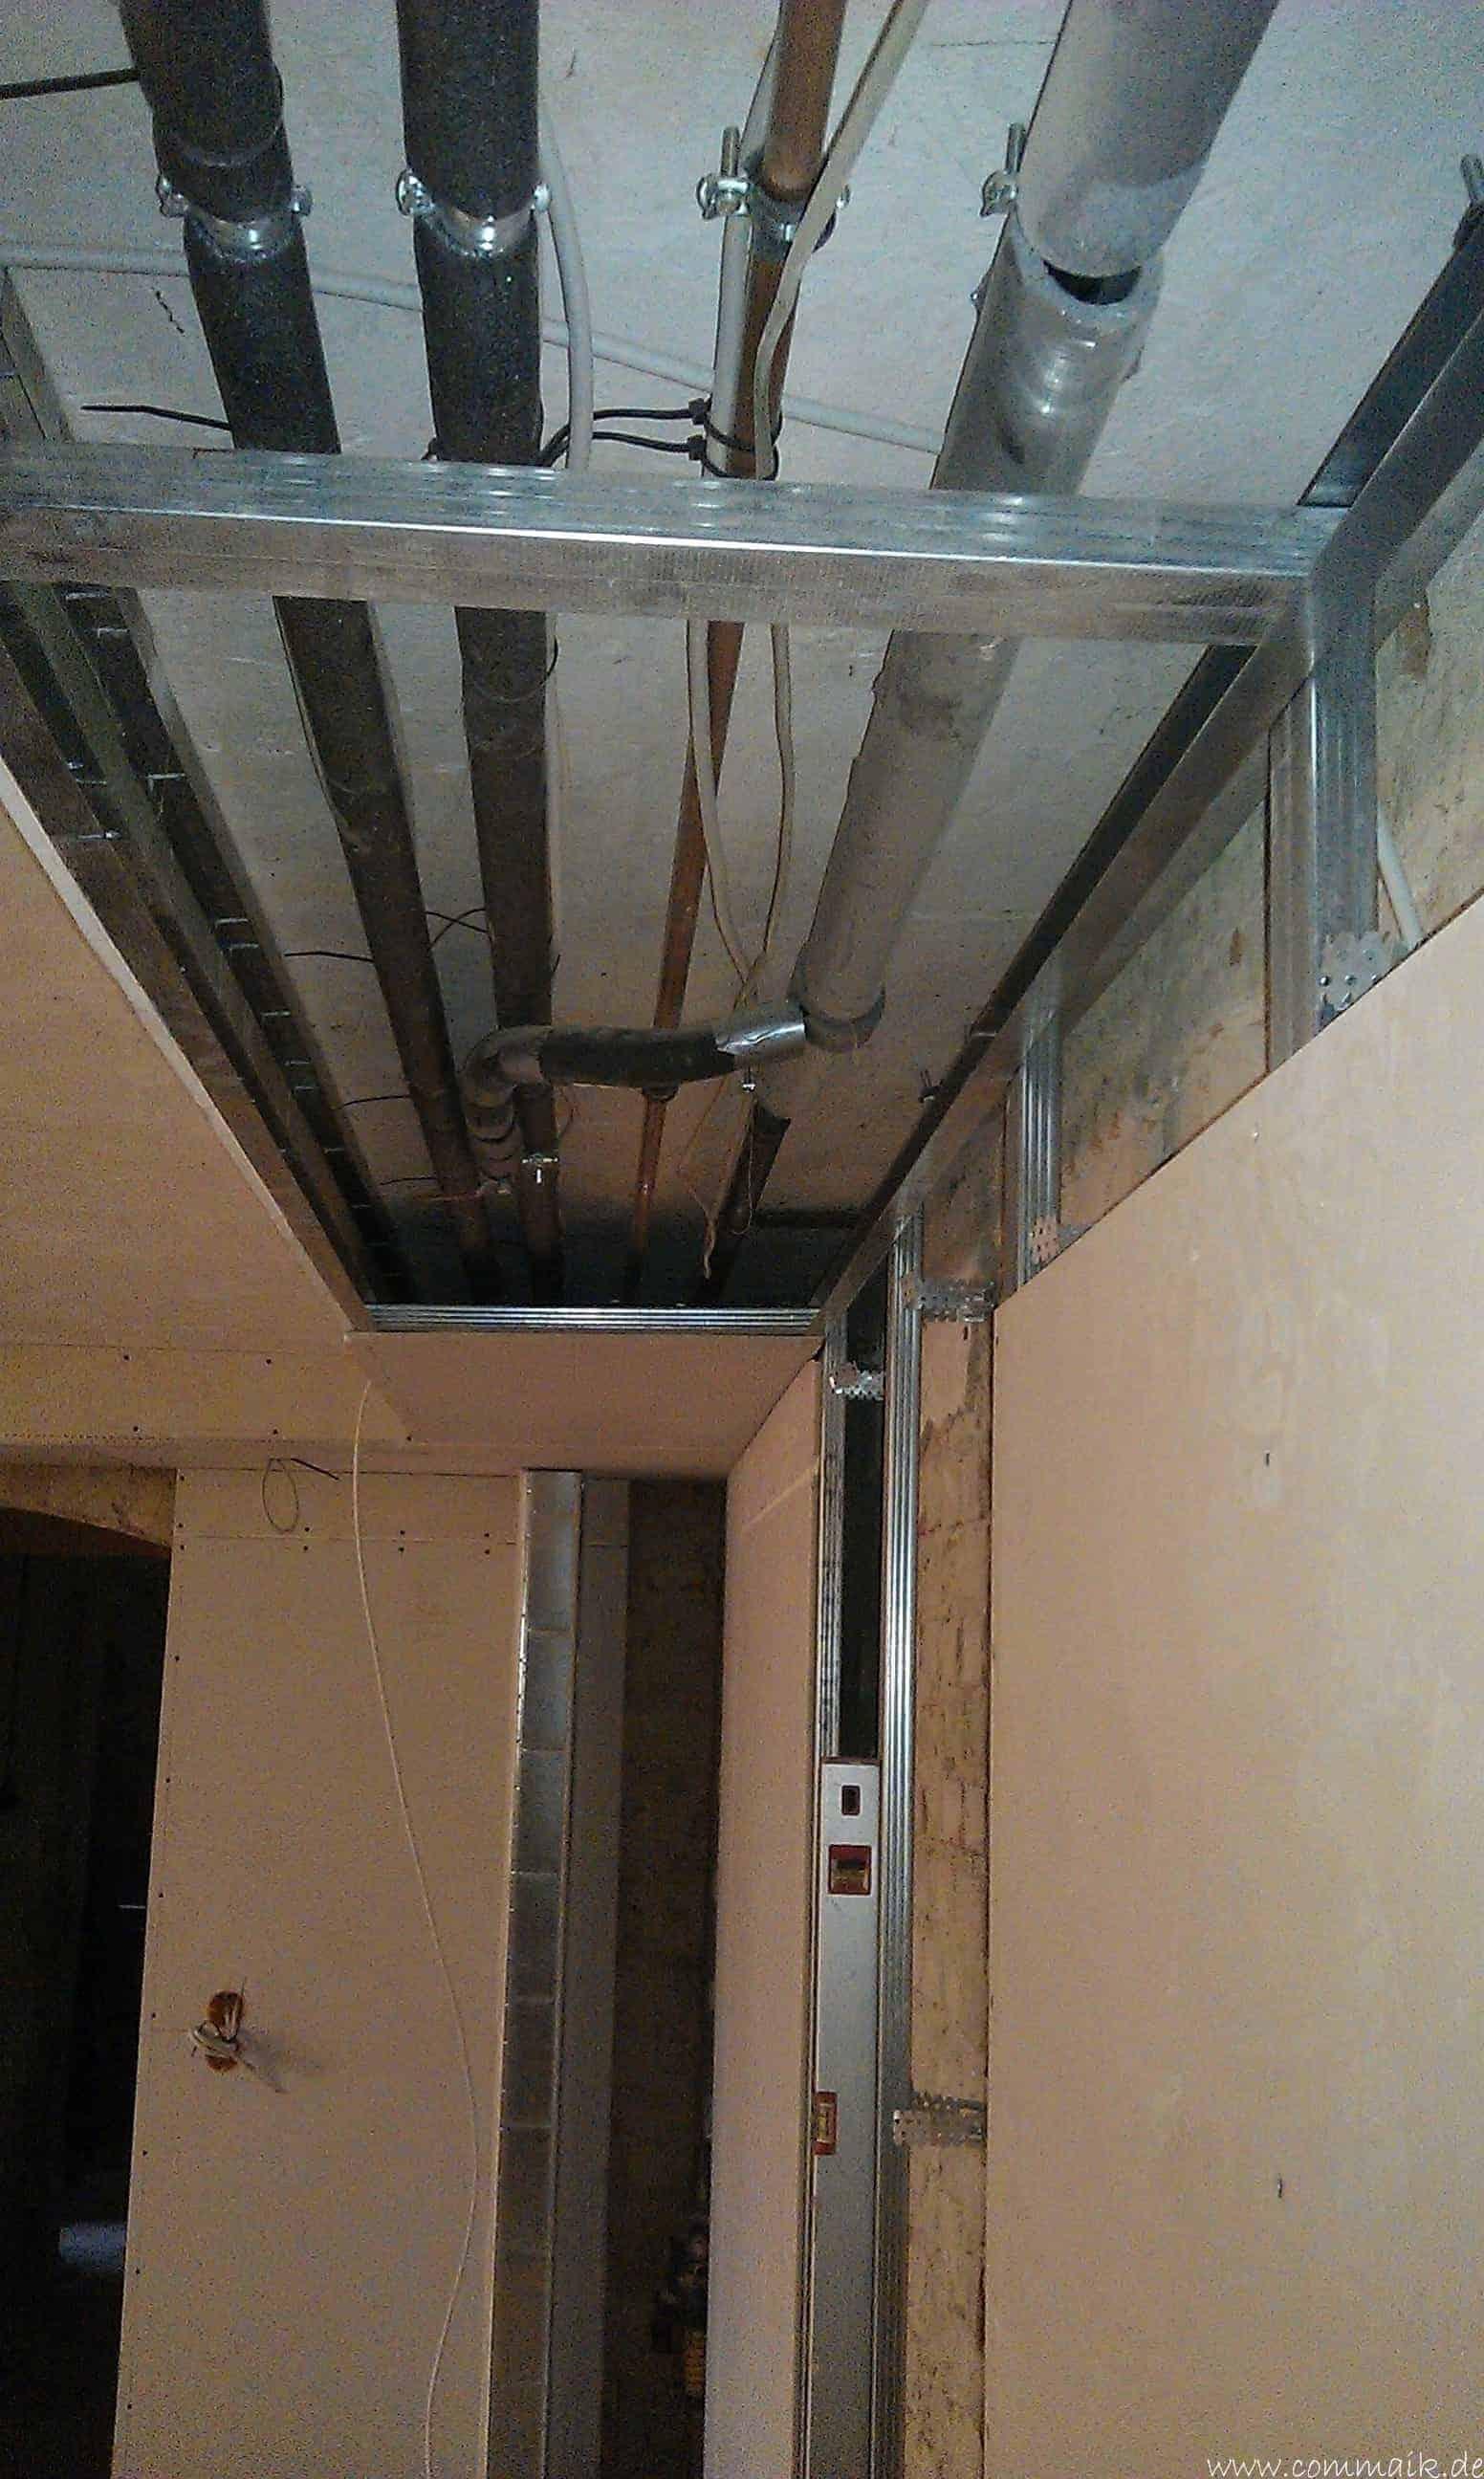 Dusche Im Keller Einbauen : Dusche Im Keller Bauen : buero im keller bauen55